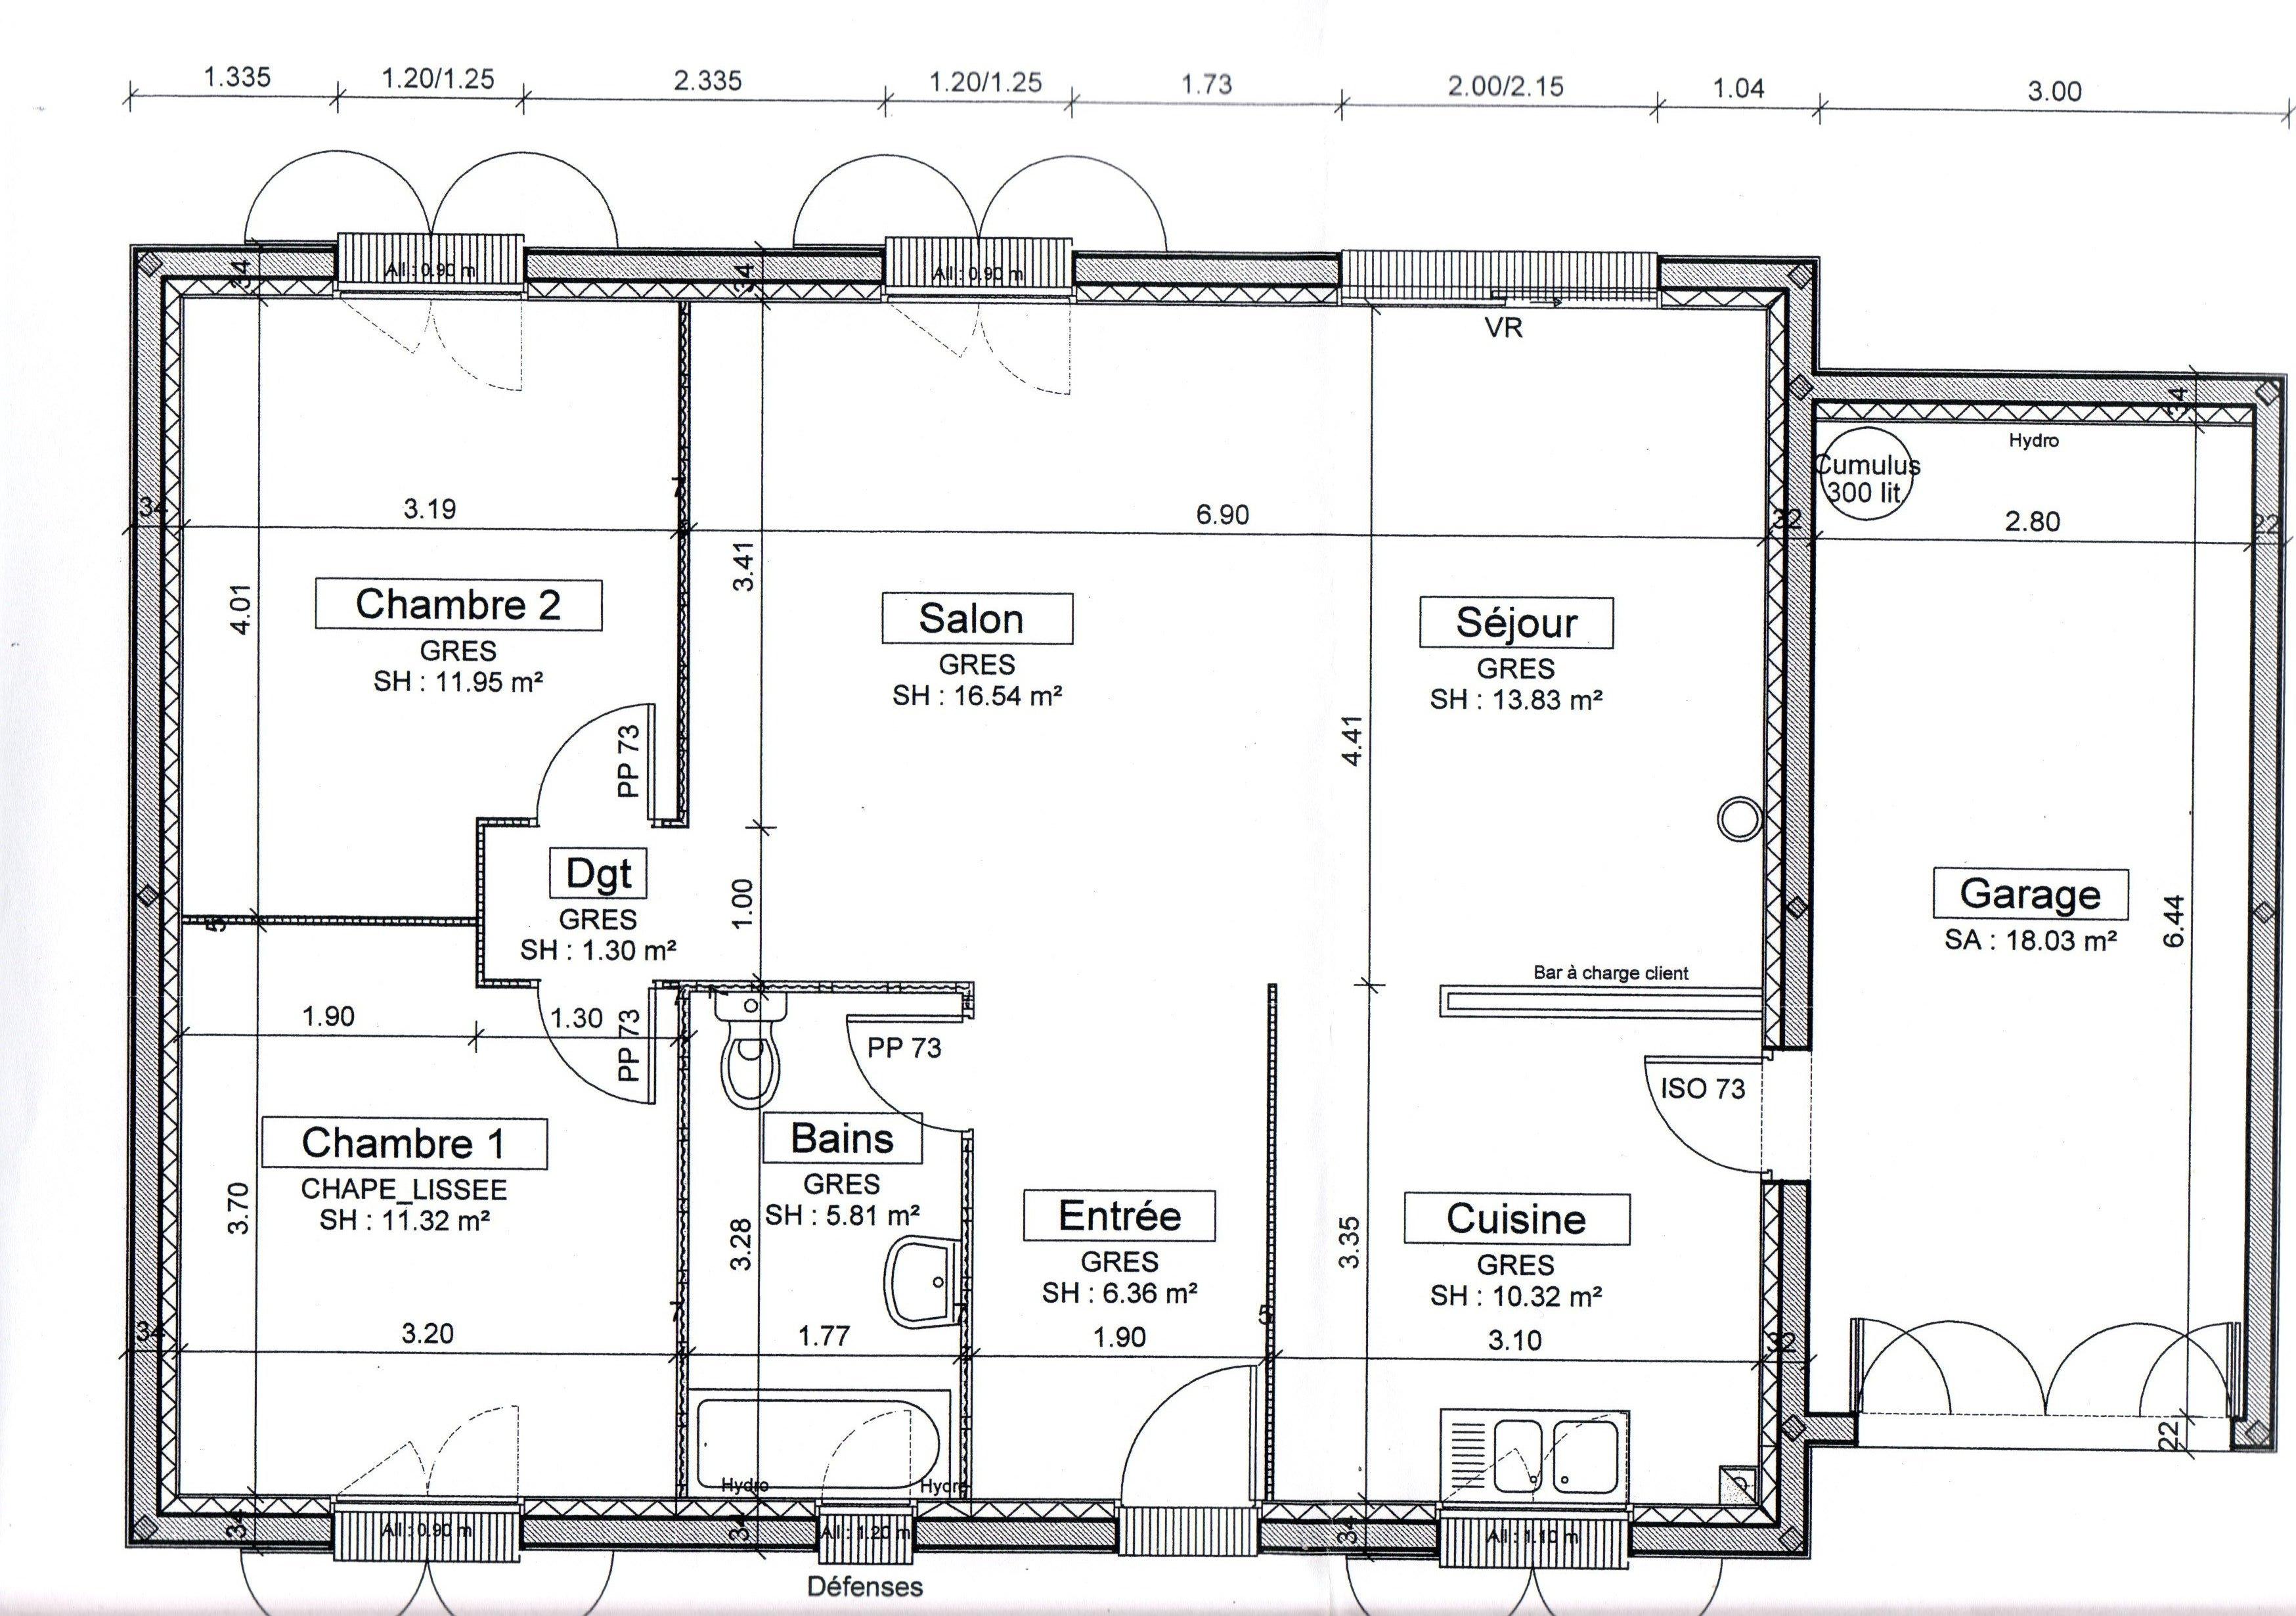 Fabulous plan de la maison with plan de la maison